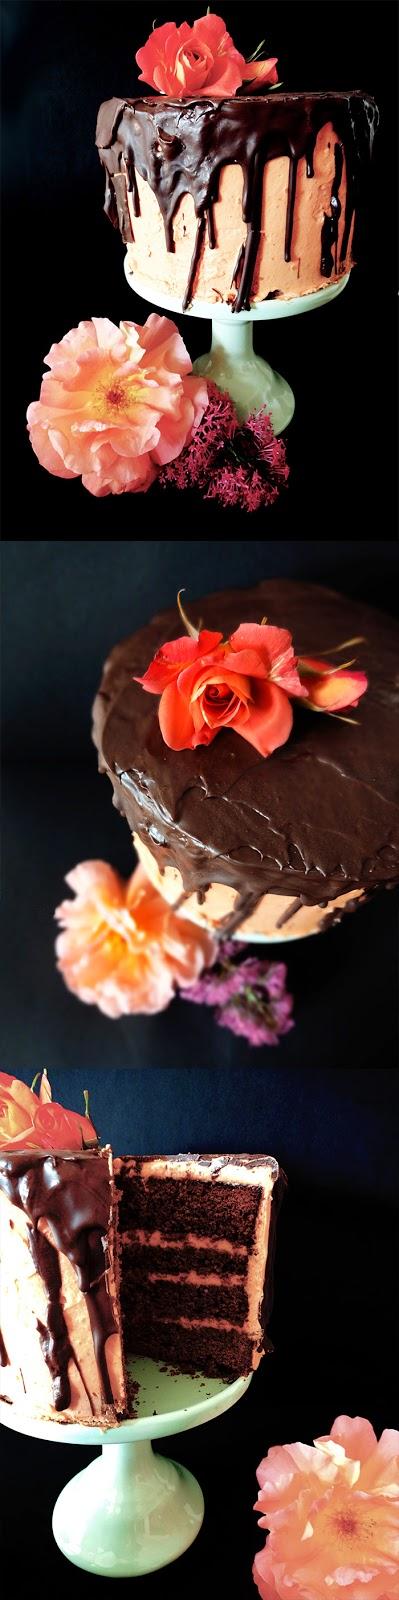 basteln malen kuchen backen brownie orangentorte. Black Bedroom Furniture Sets. Home Design Ideas